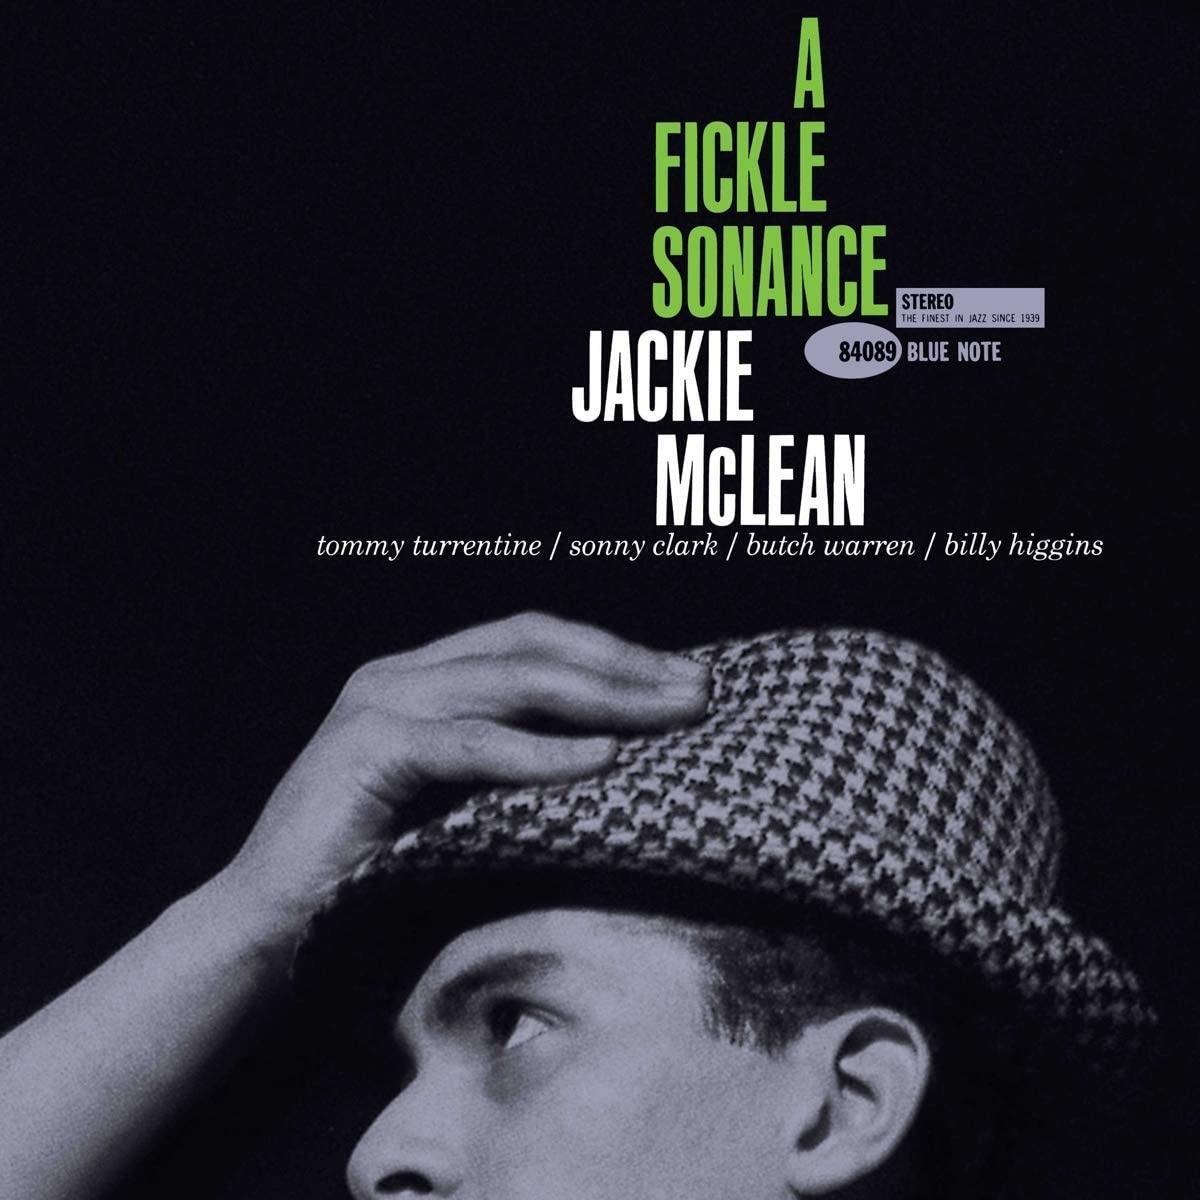 Jackie McLean – A Fickle Sonance